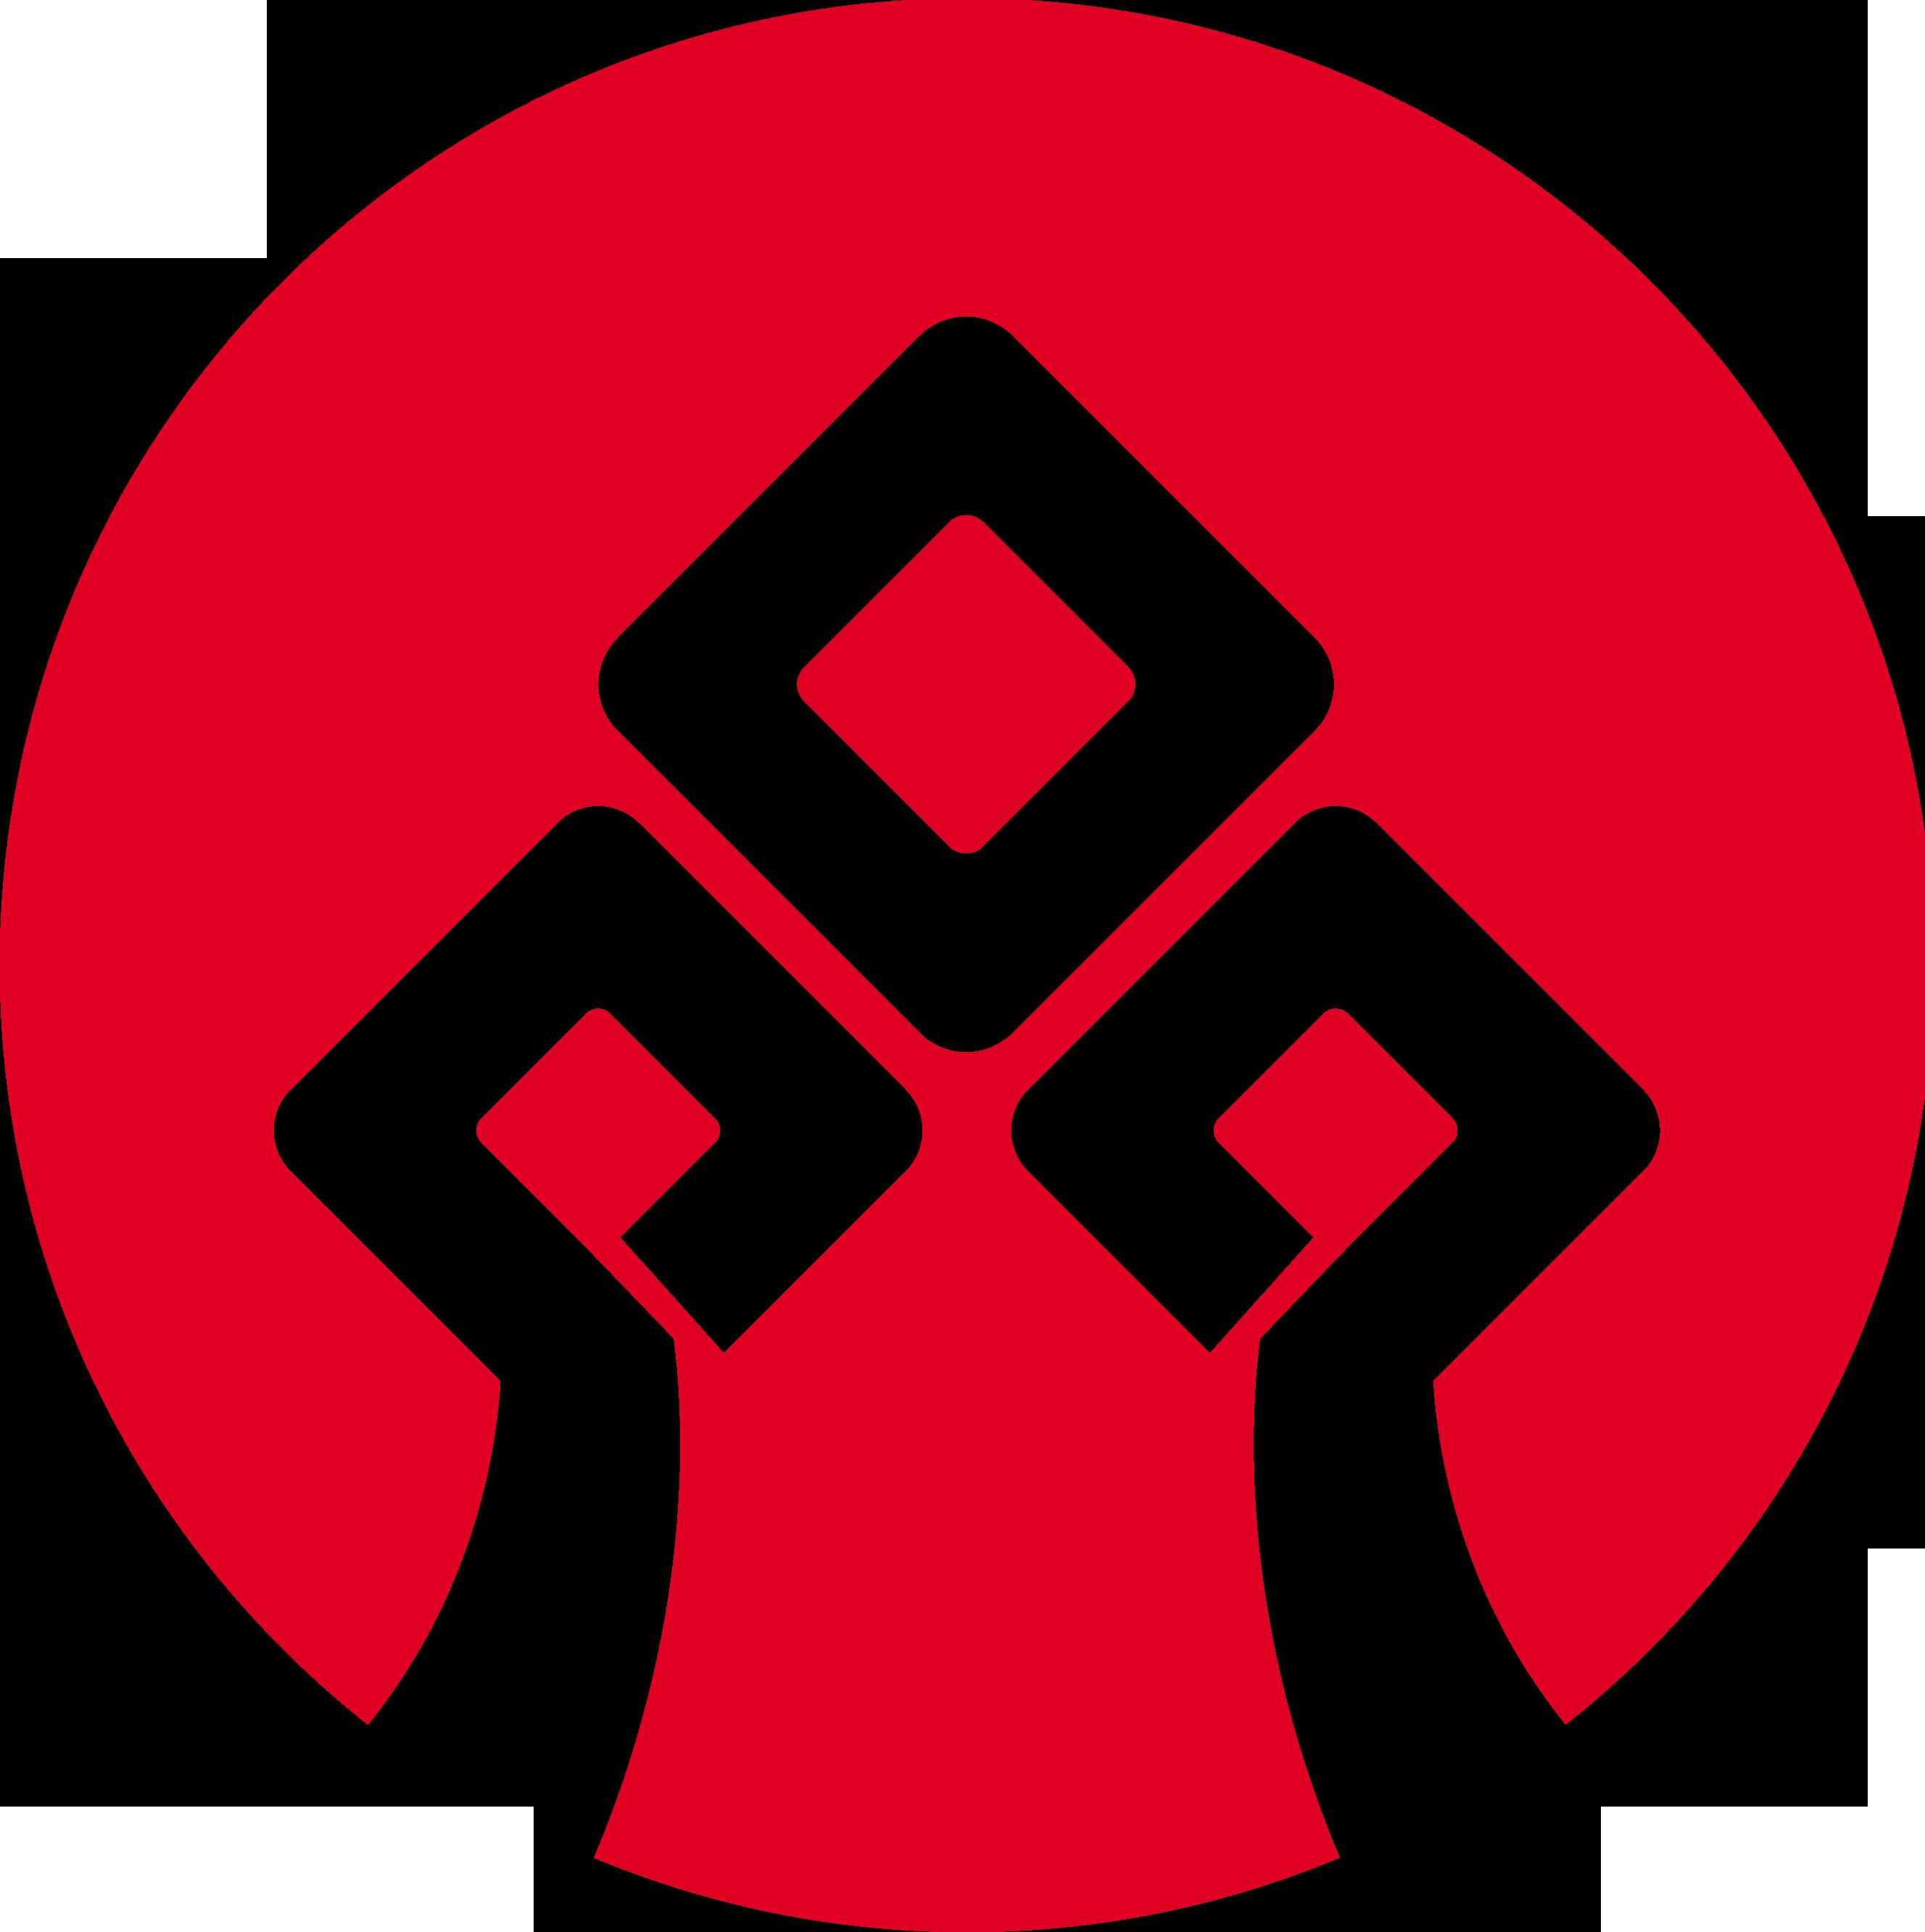 山东芝罘齐丰村镇银行股份有限公司 关于优化企业银行账户服务的公告